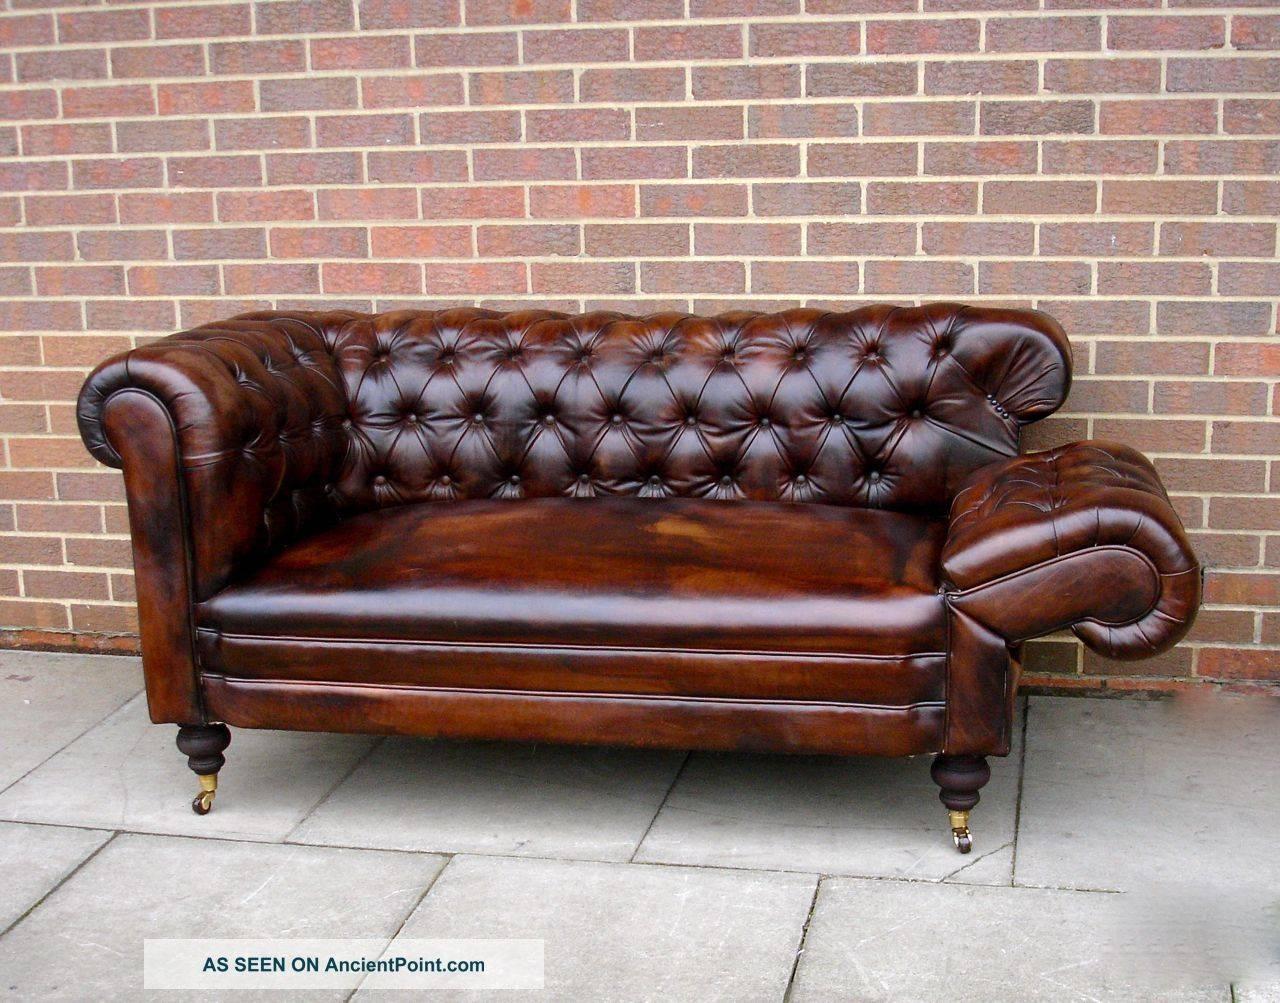 Sofas Center : Vintage Schafer Bros Chesterfield Sofa Chairish within Vintage Chesterfield Sofas (Image 11 of 30)